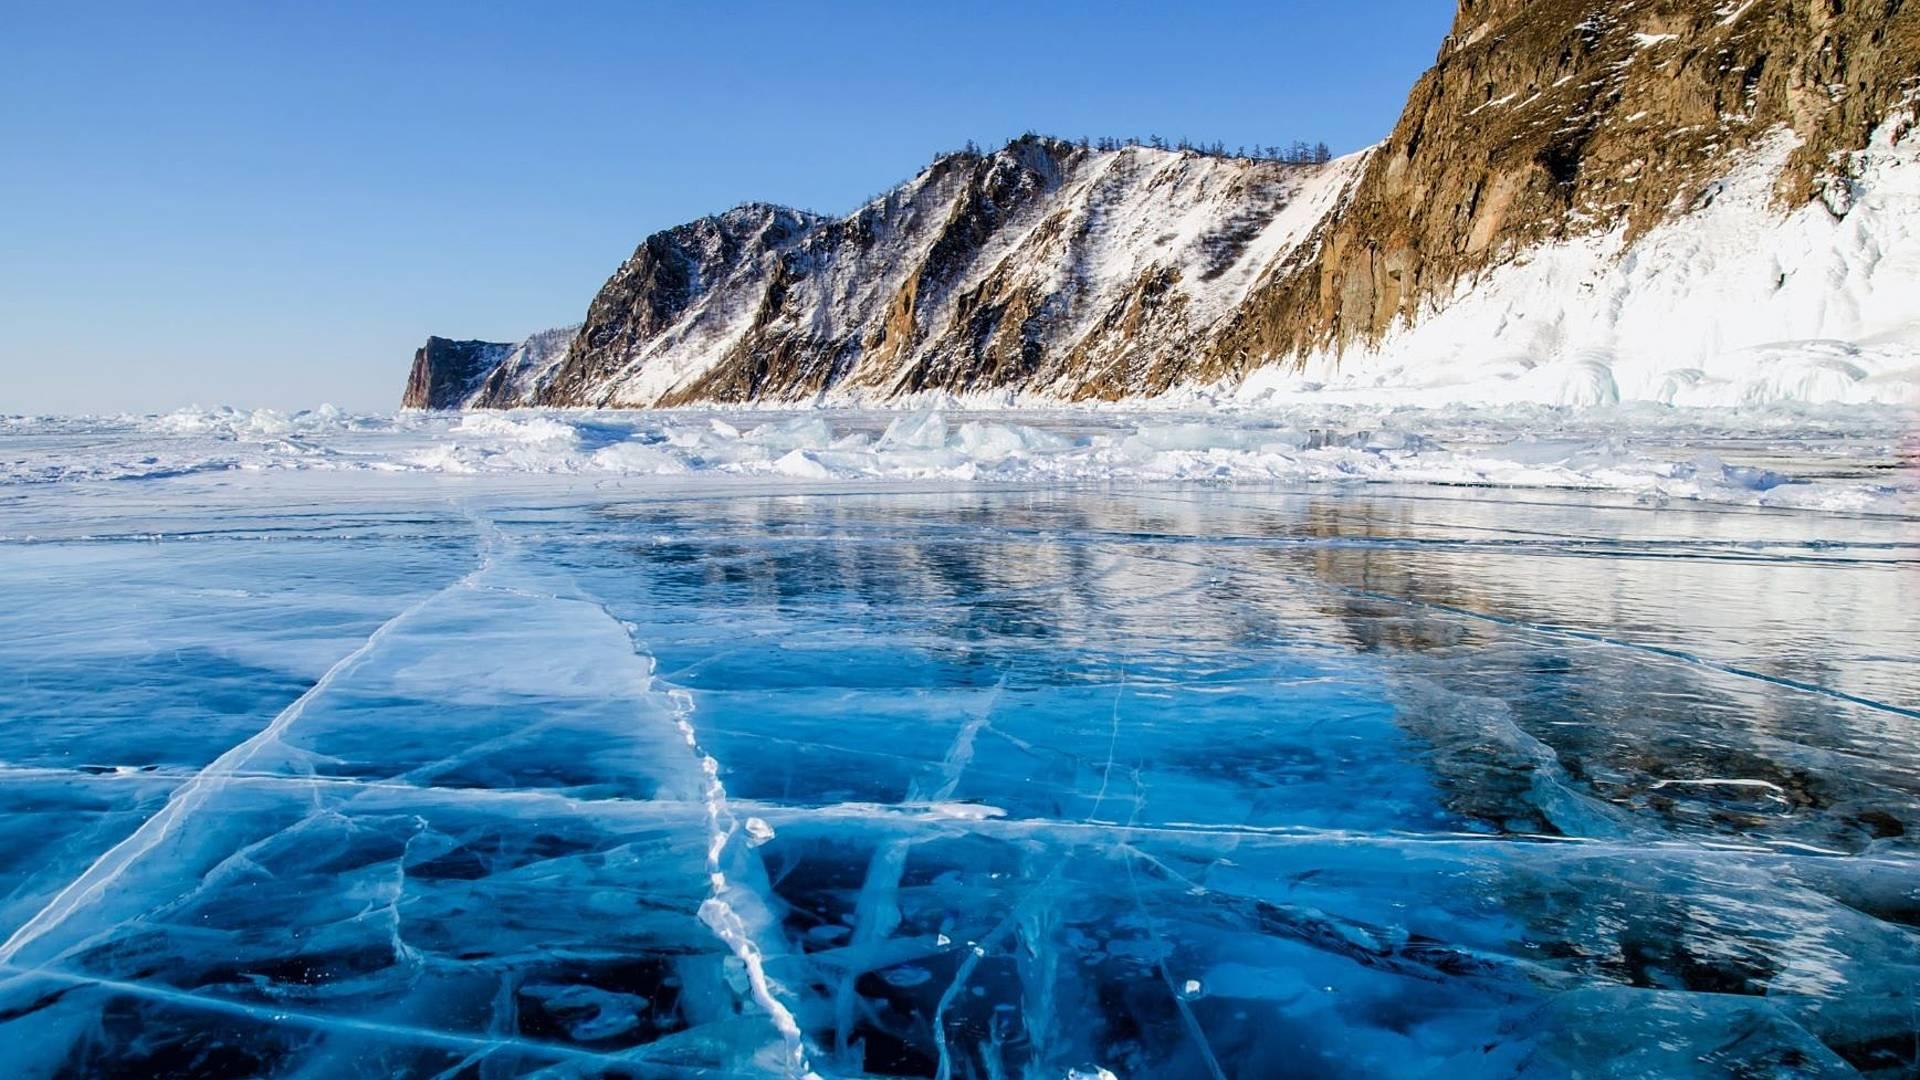 Viaggio in Siberia in inverno: alla scoperta del lago Baikal